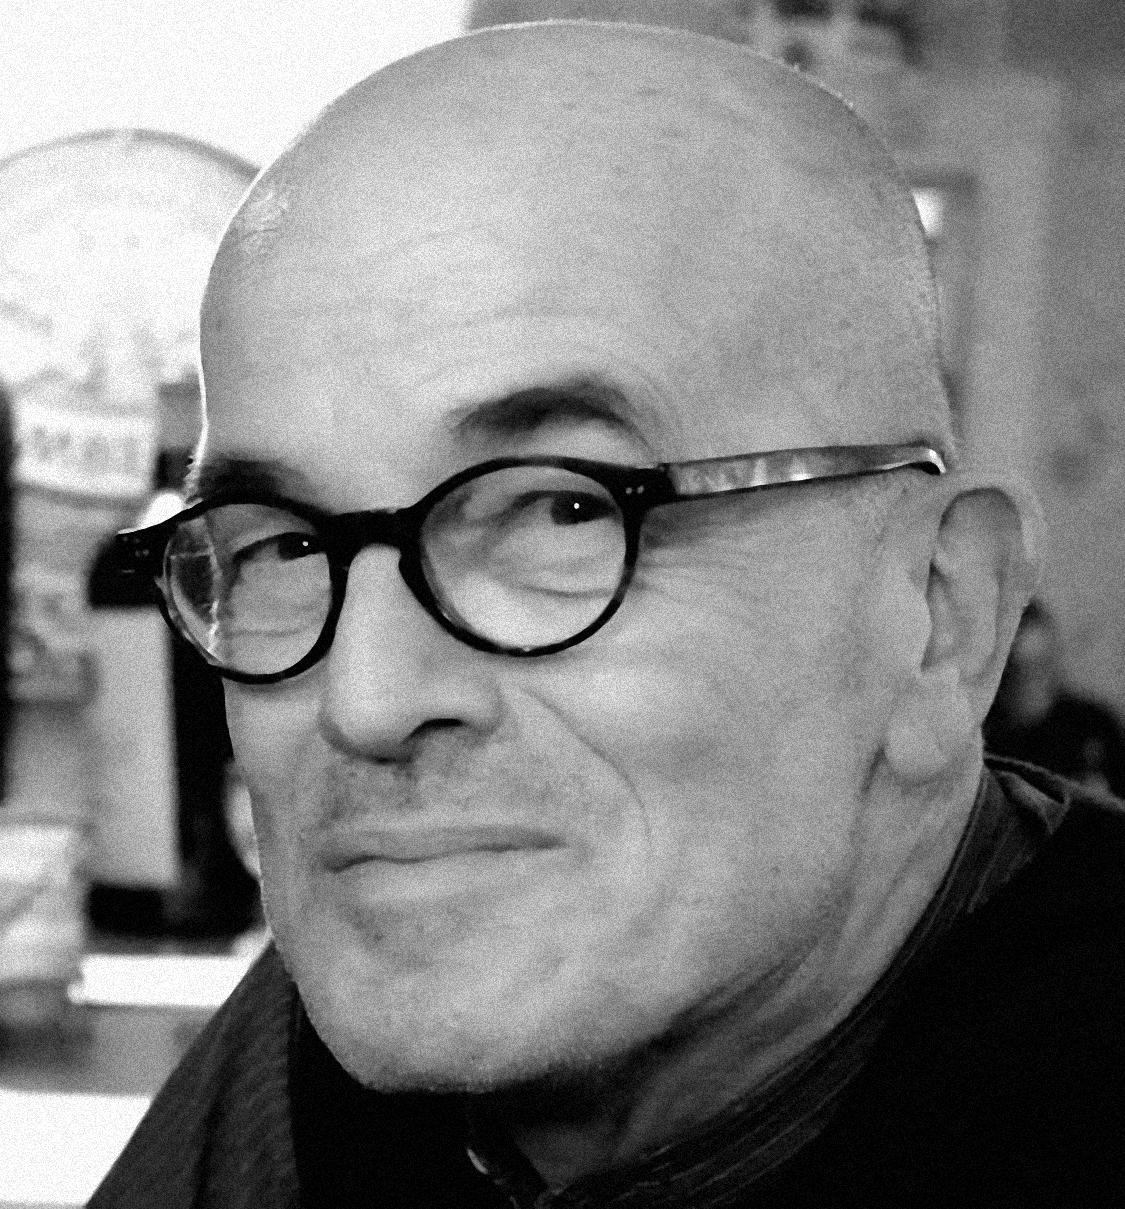 Philippe Petit film